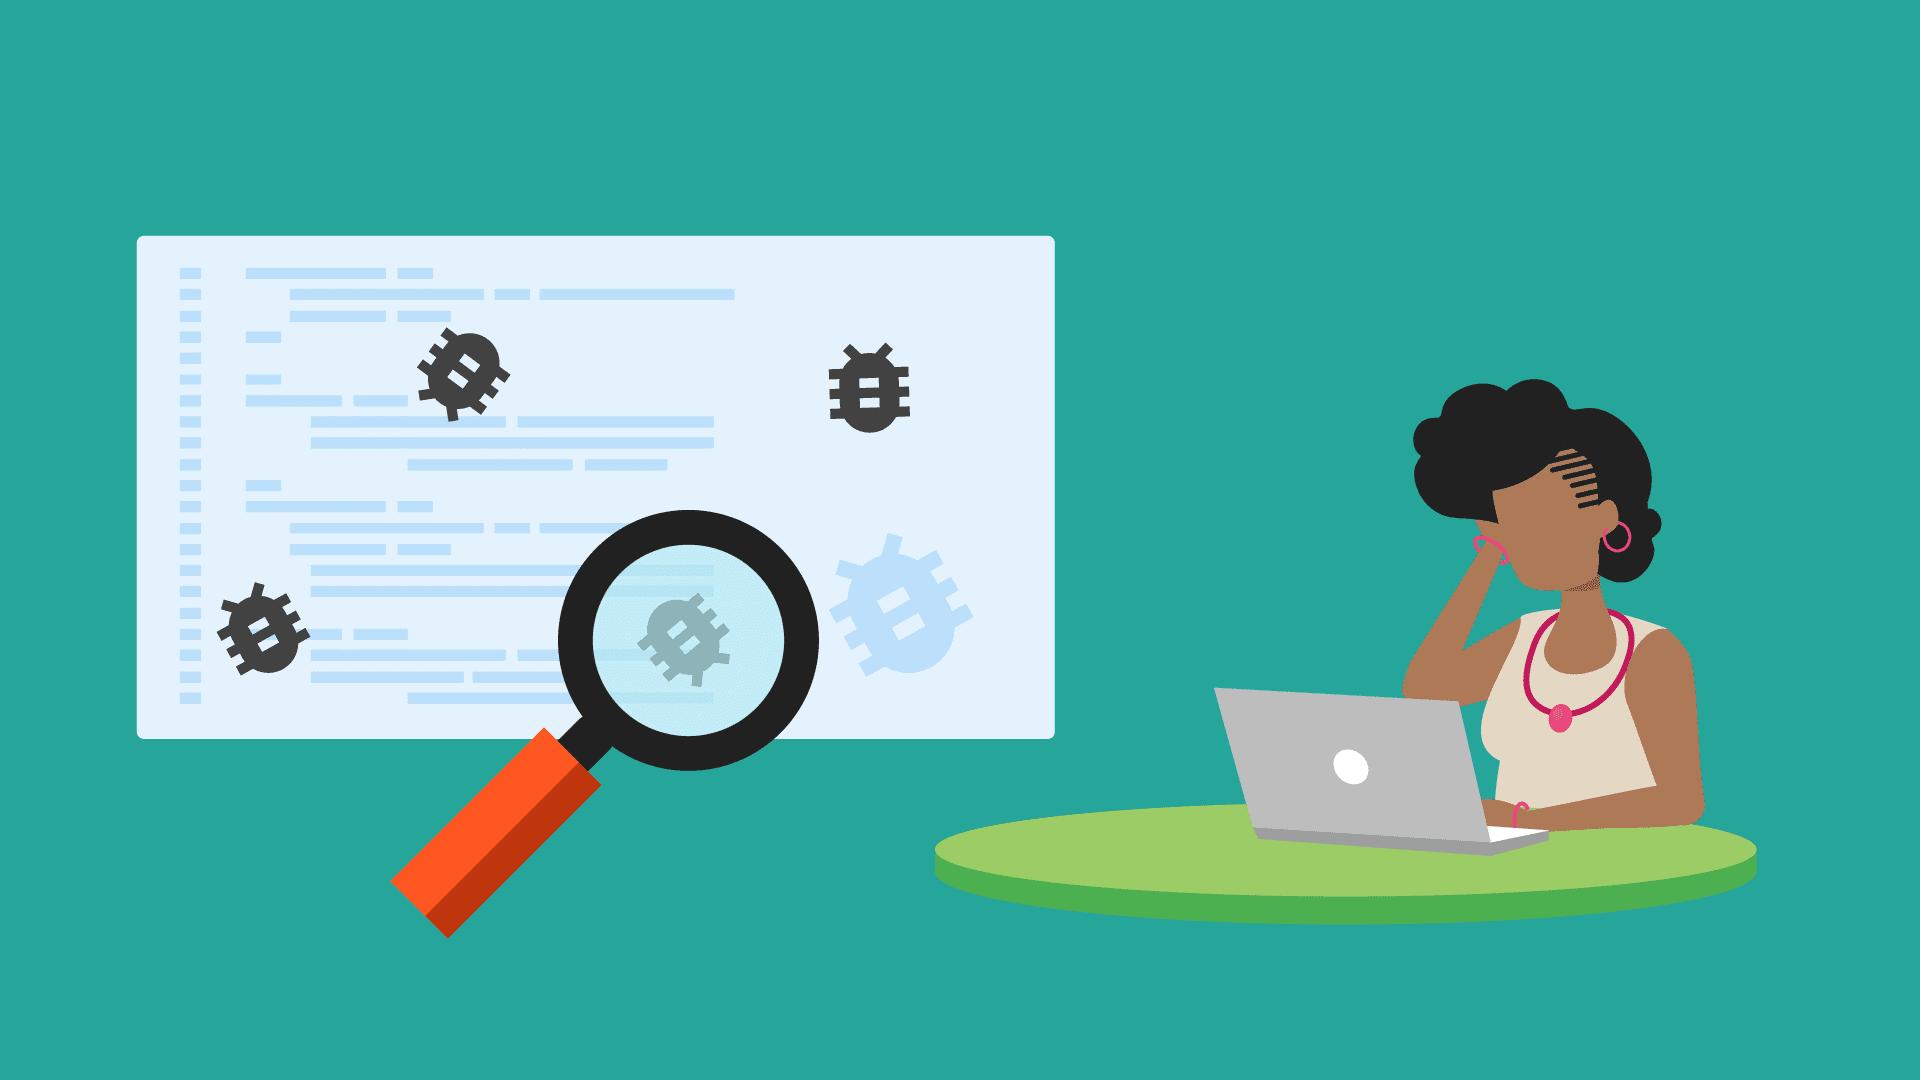 Ilustração de um desenvolvedor encontrando bugs